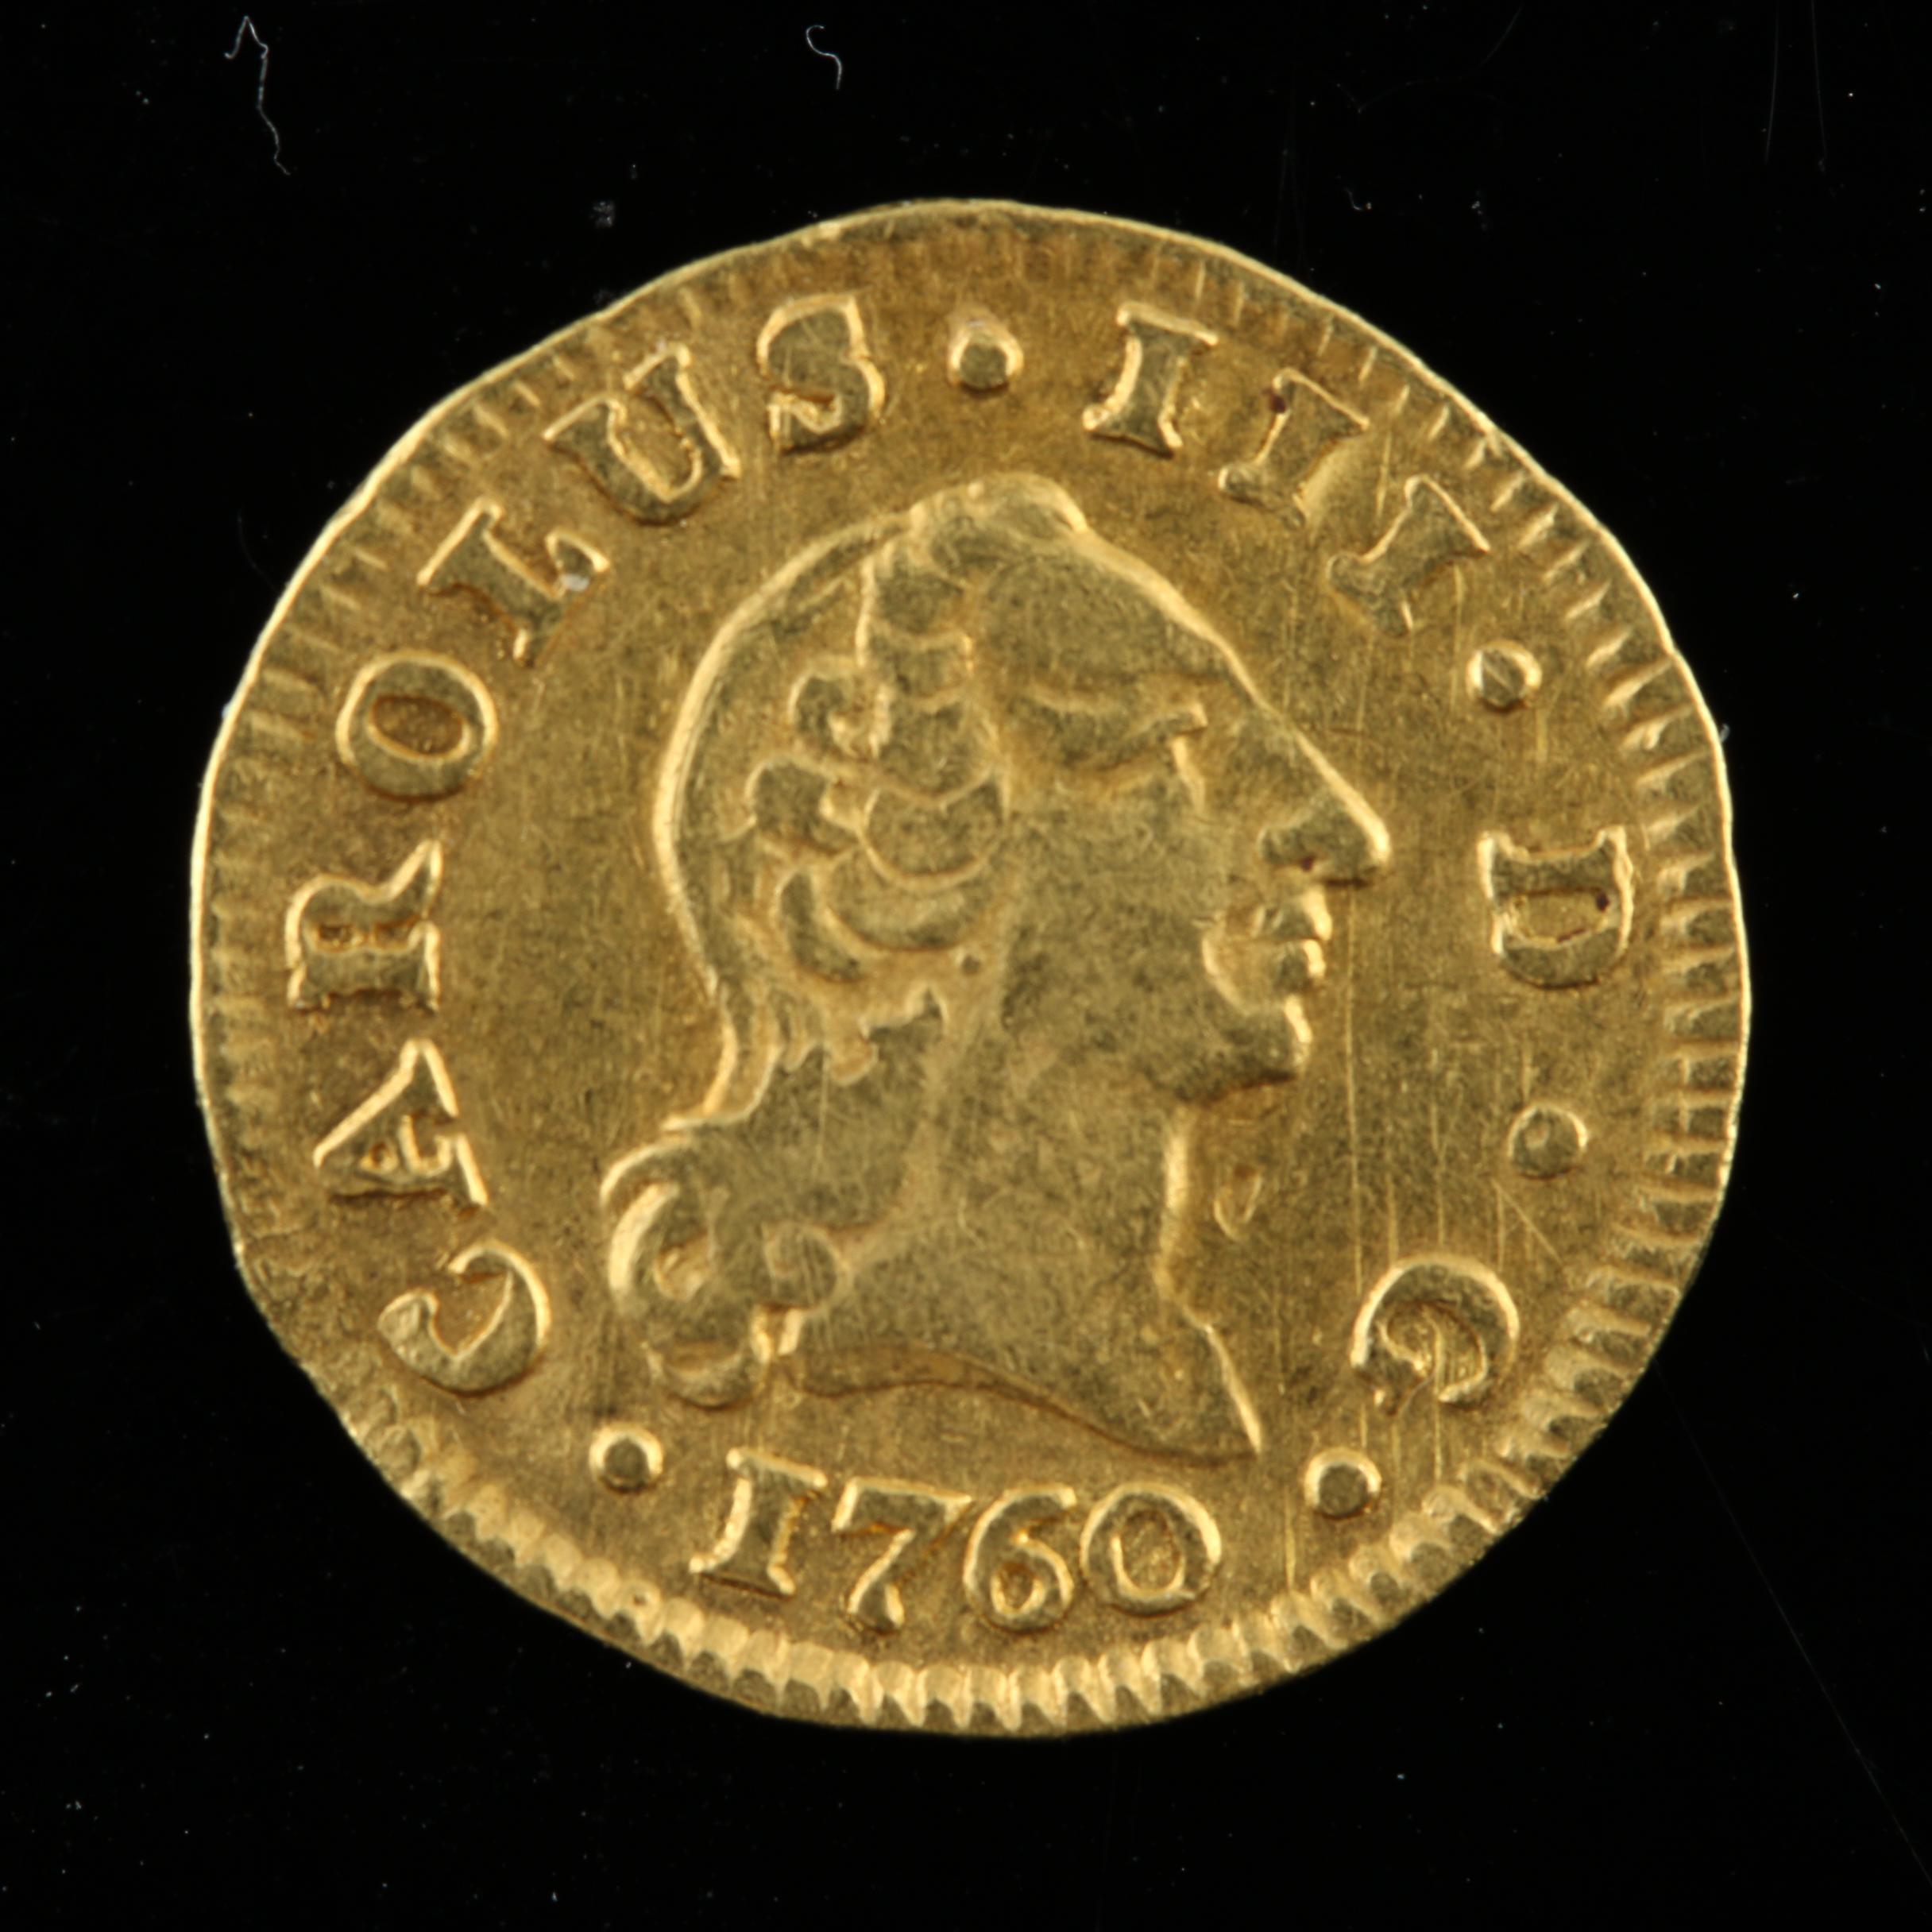 1760 Carlos III 1/2 Escudo Gold Coin